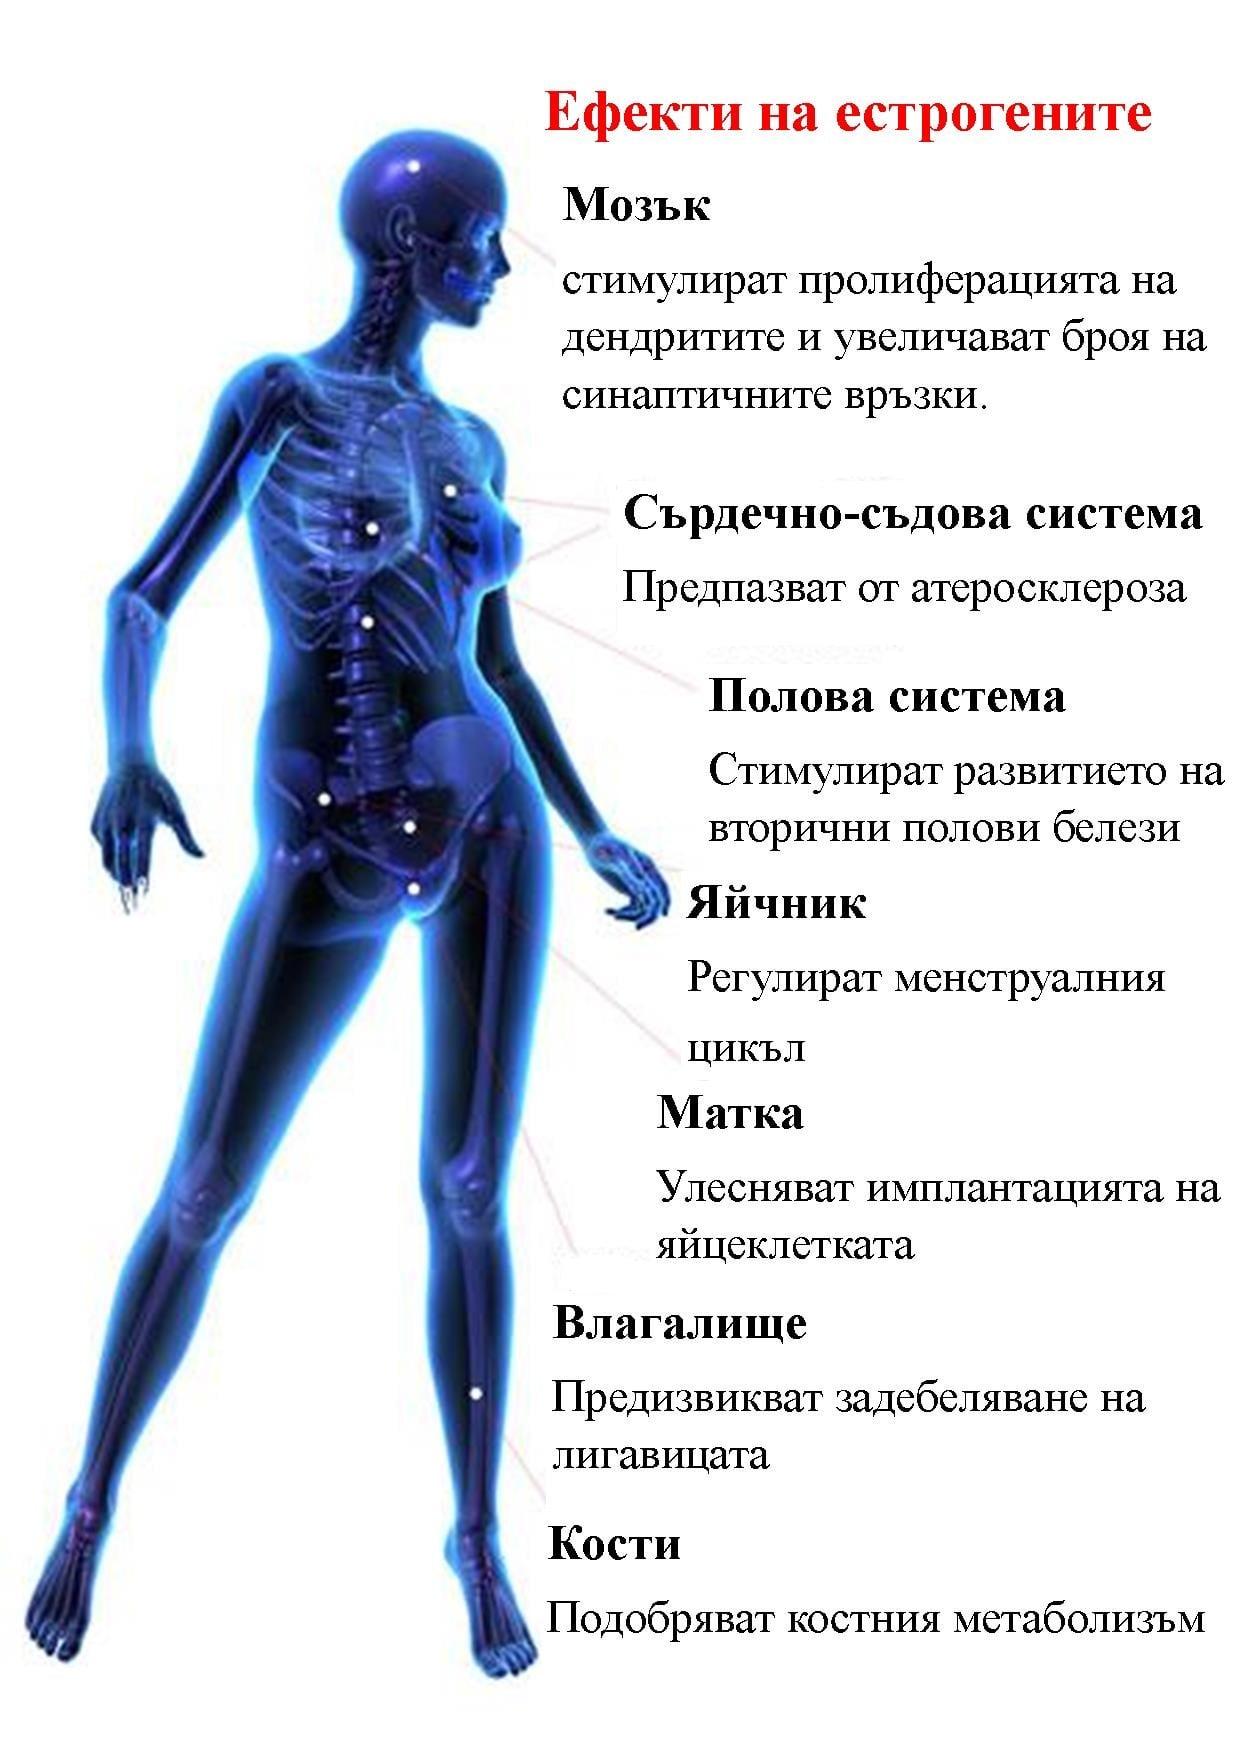 ефекти на естрогени